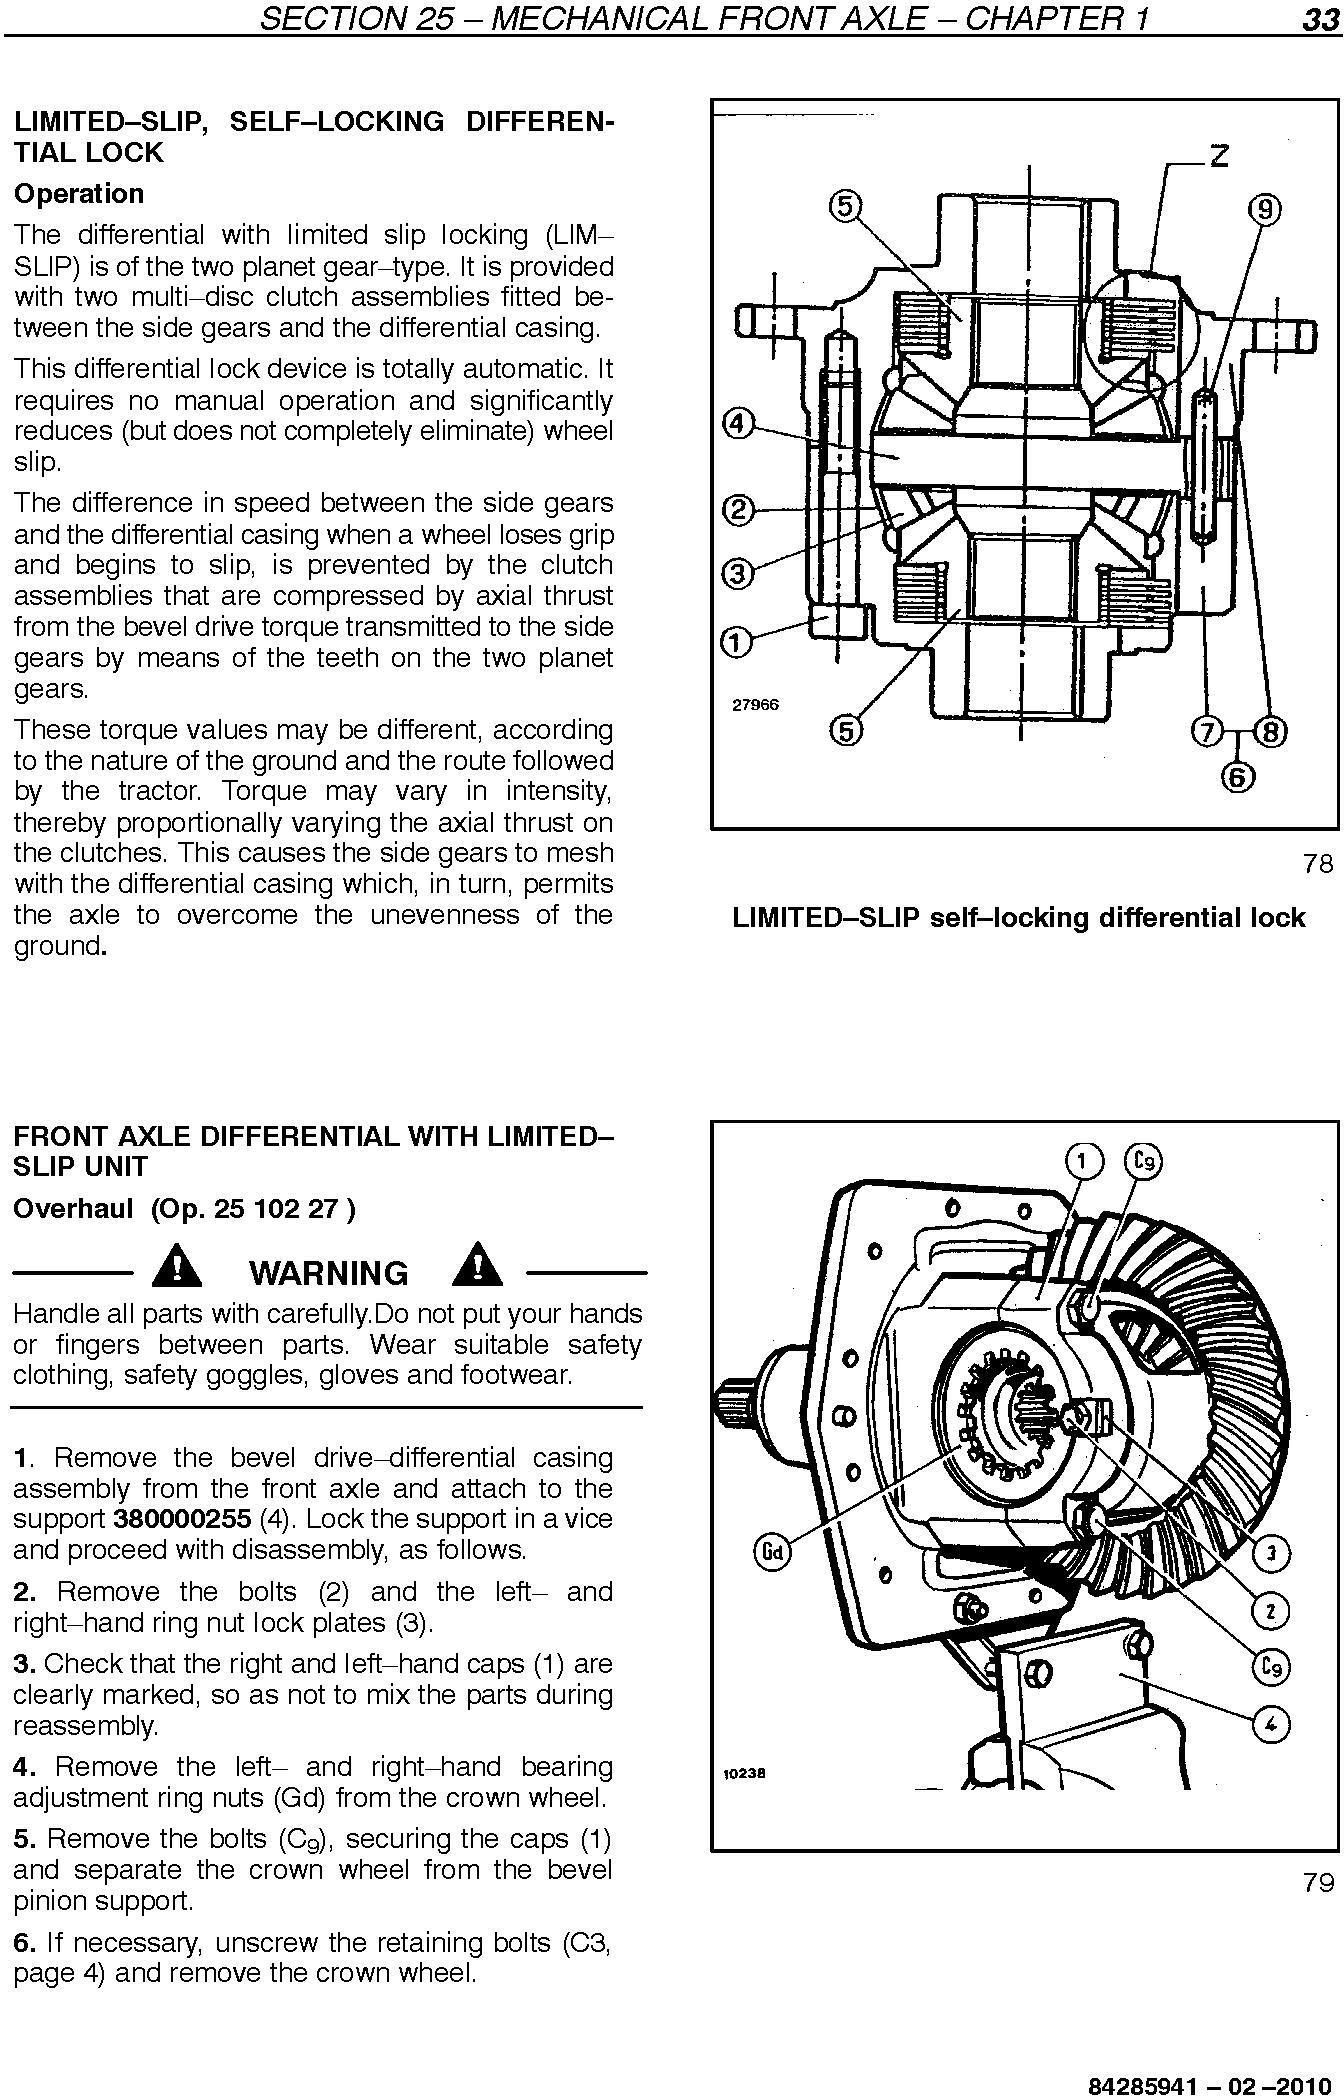 New Holland TD65F, TD75F, TD85F Tractors Service Manual - 3